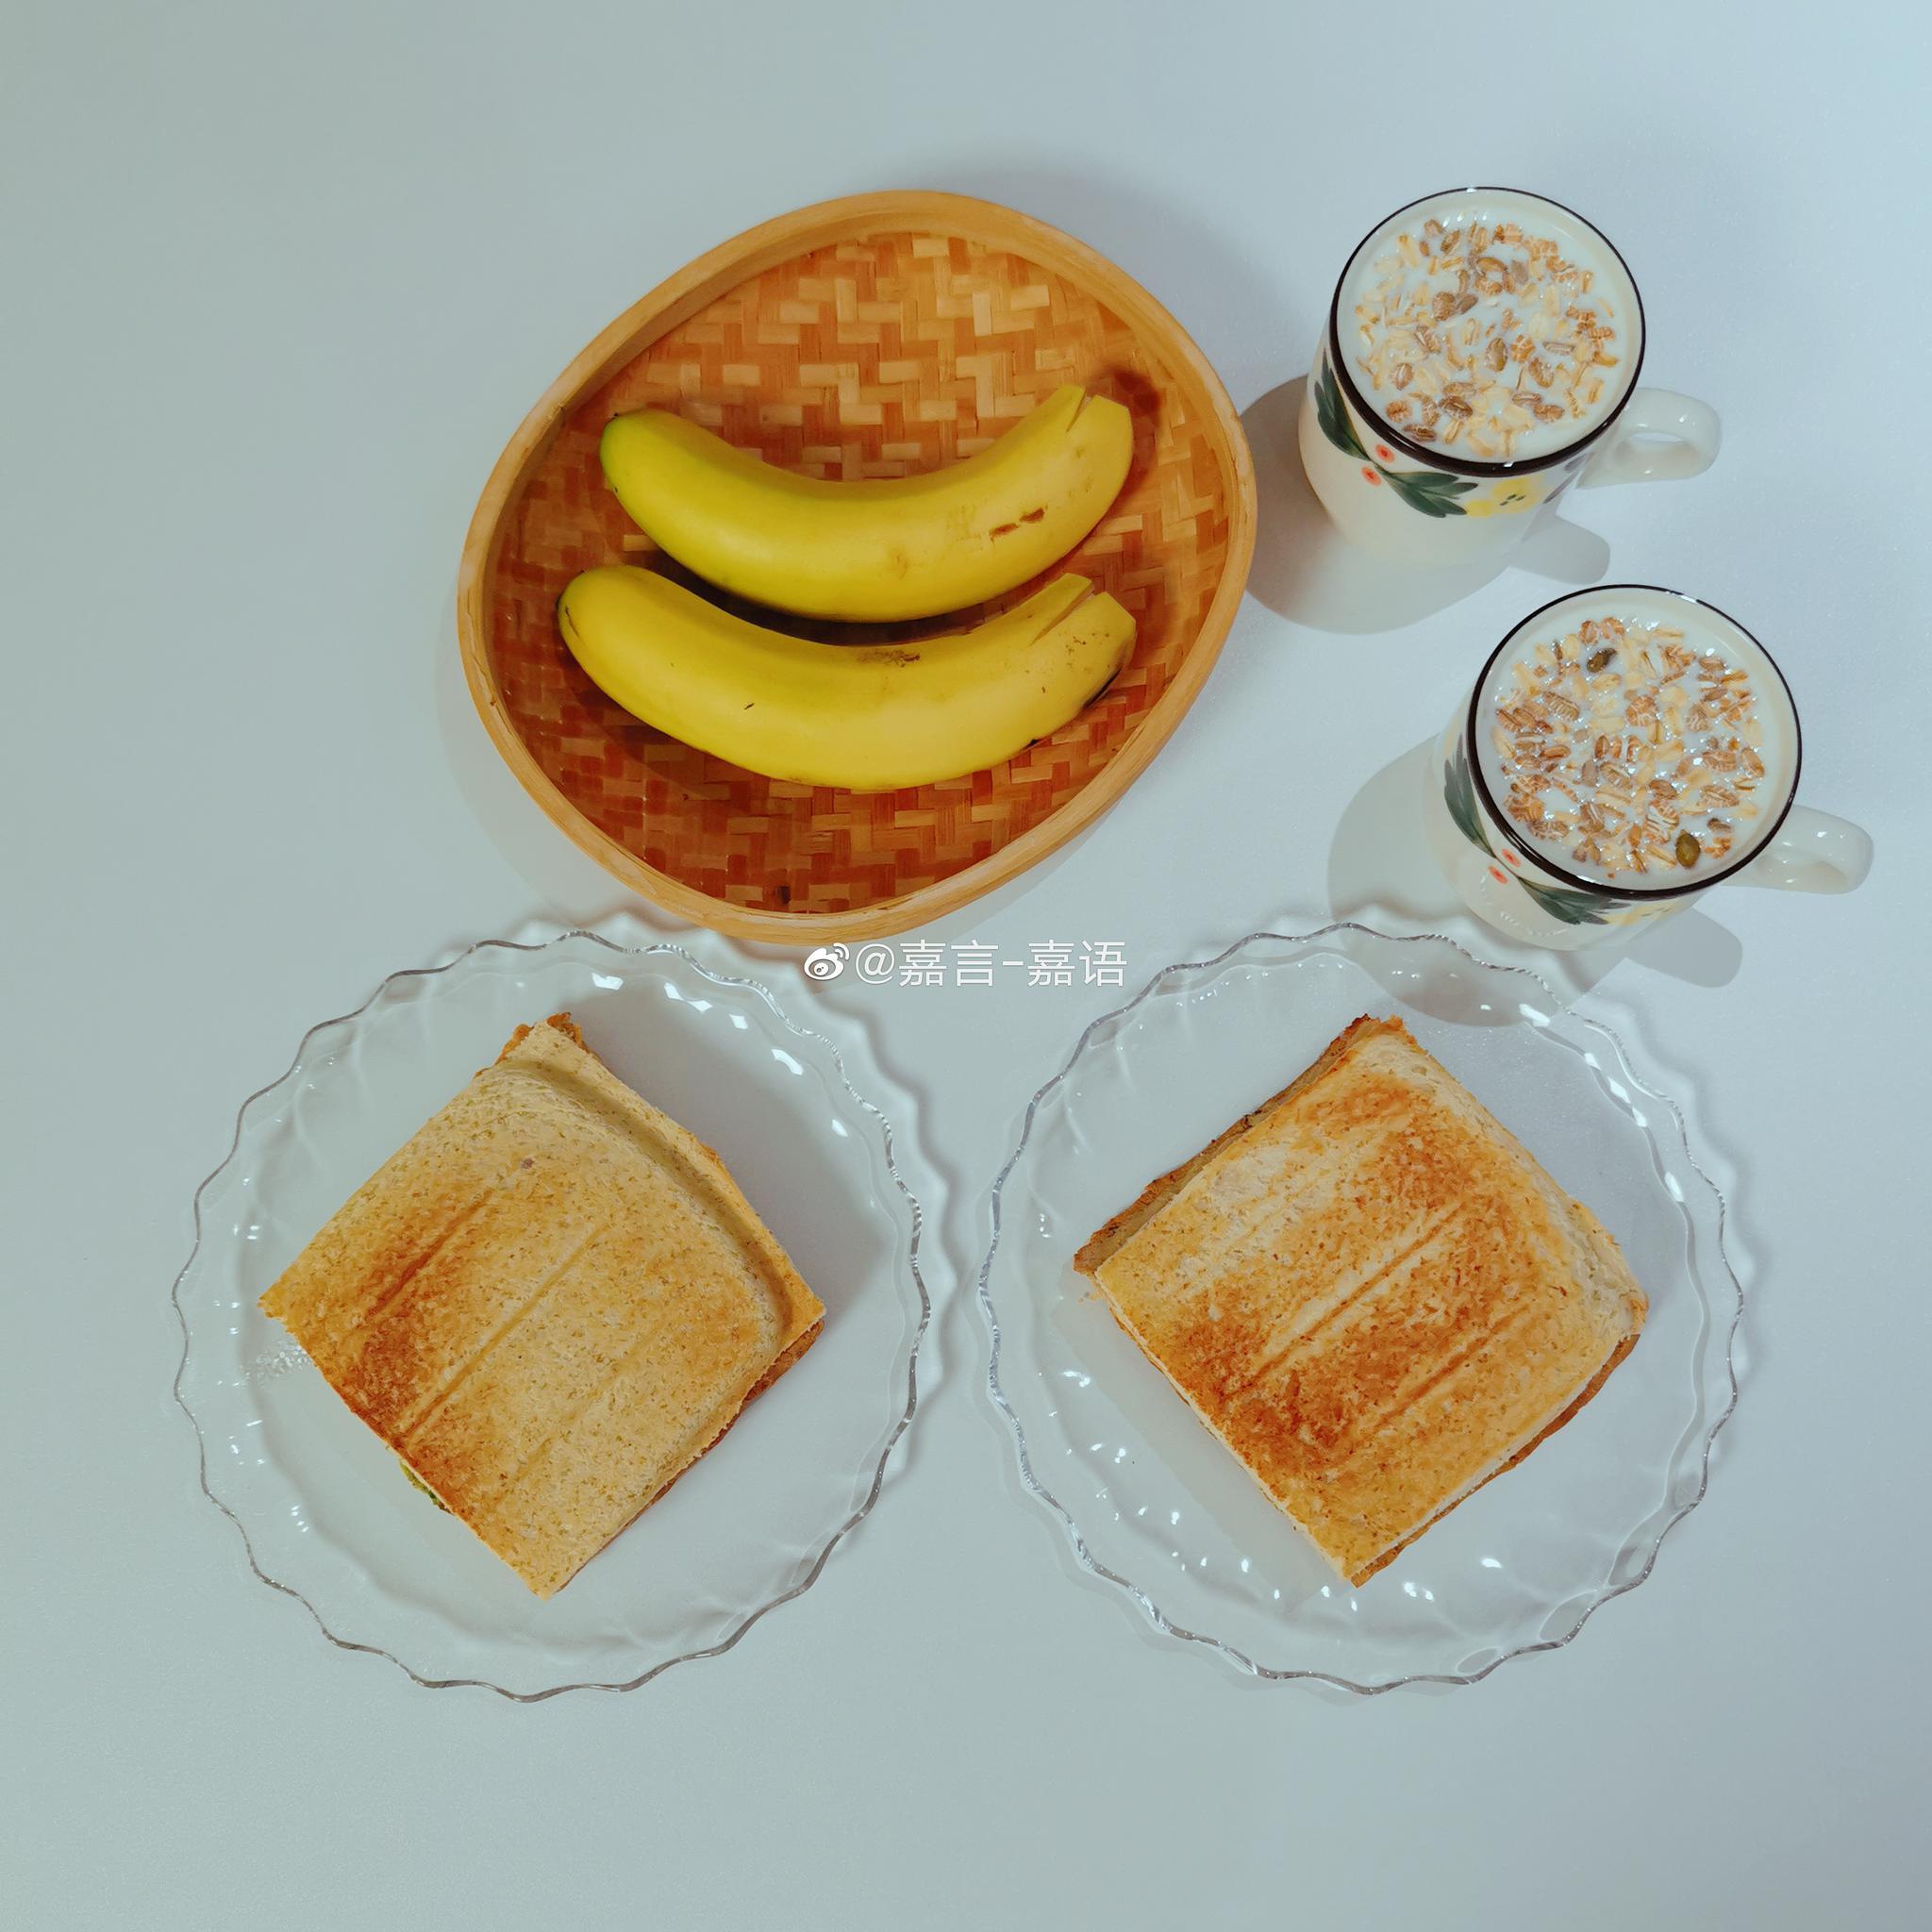 早,下雨的军训日,昨天约好的三明治